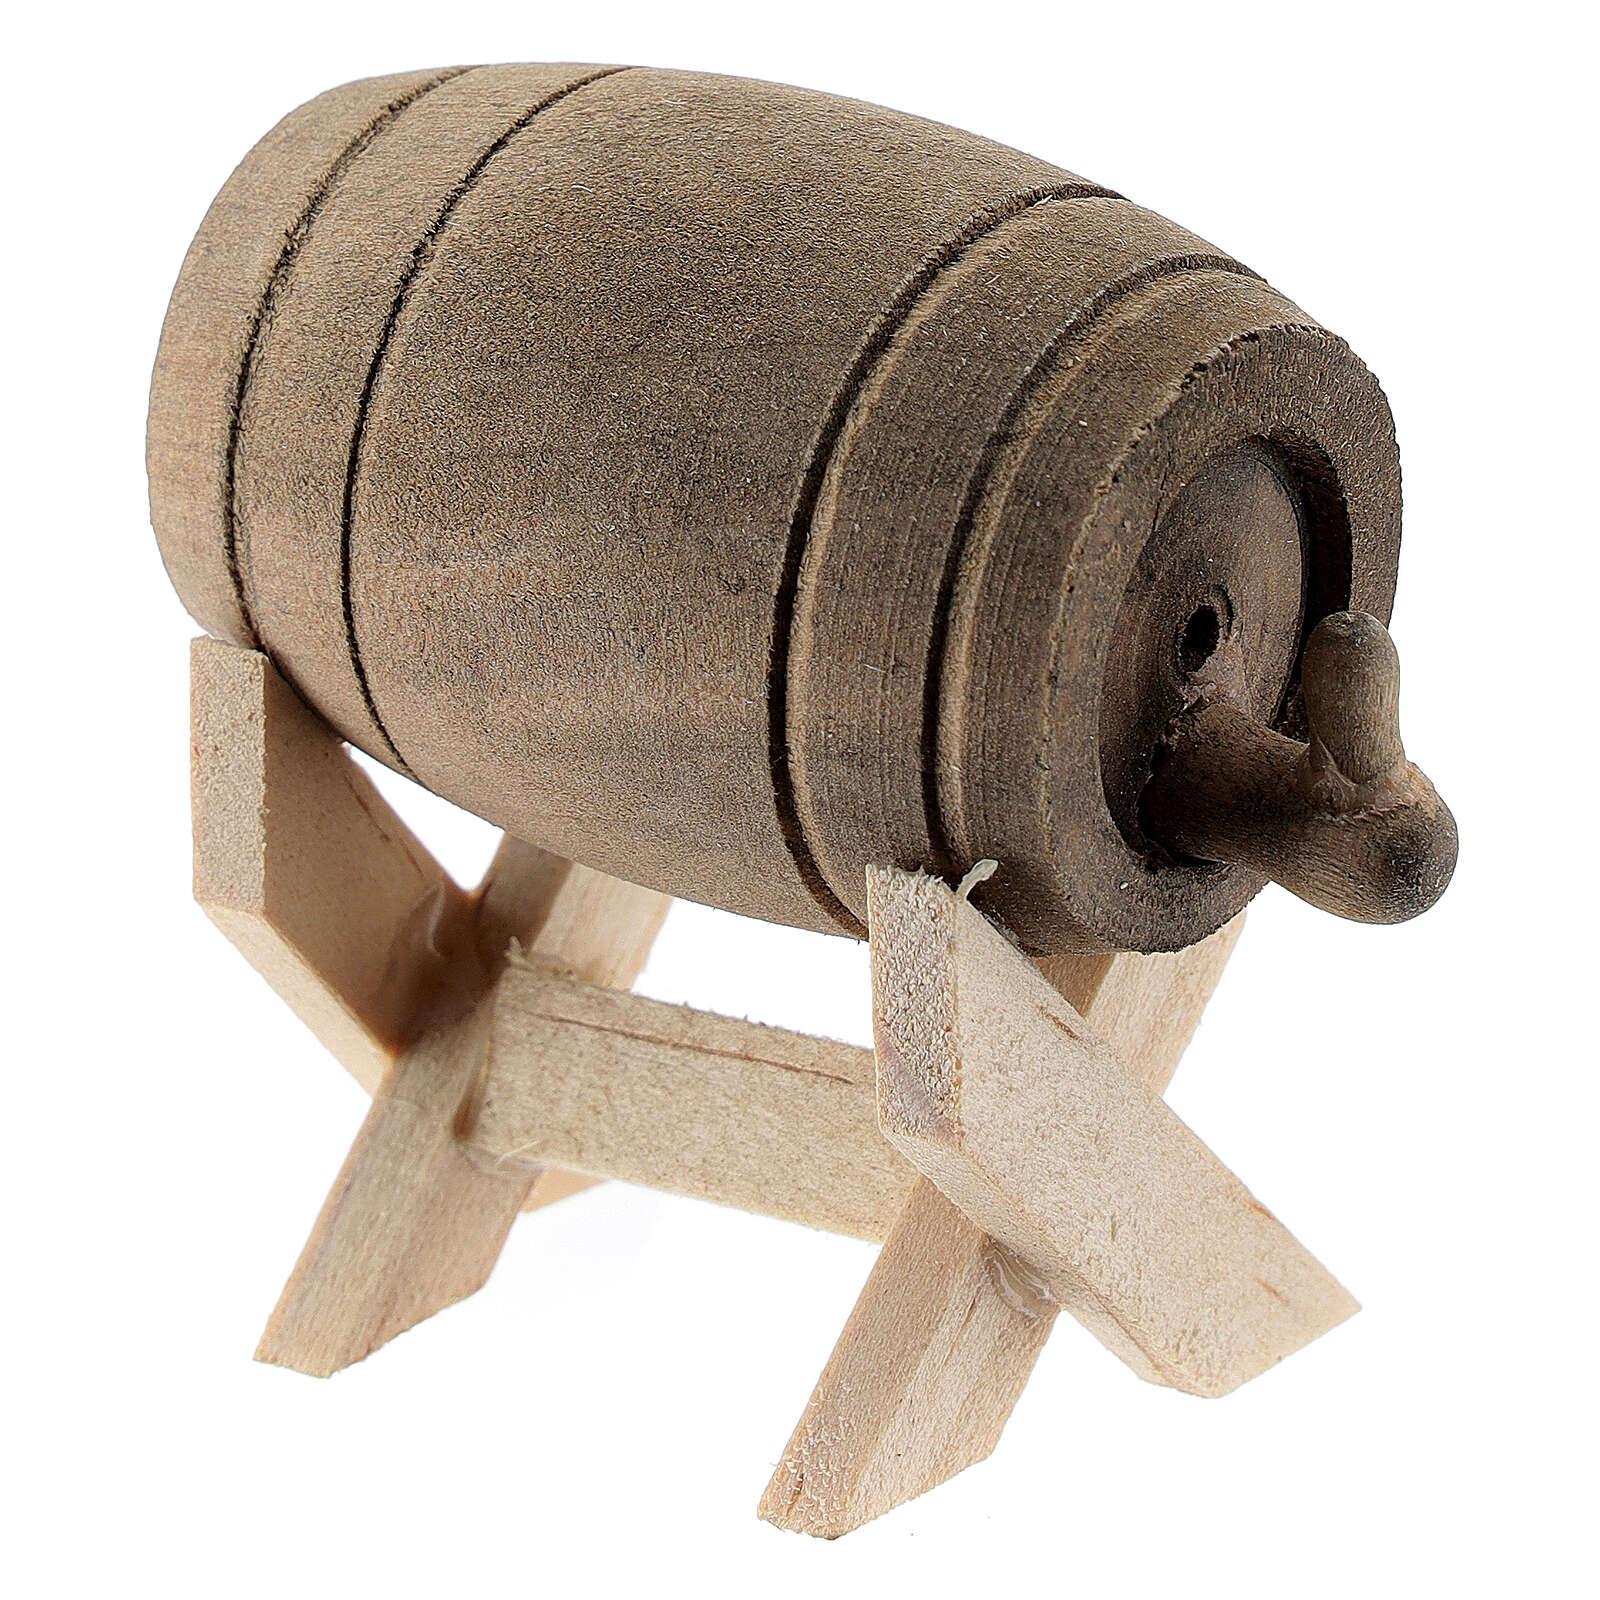 Barril de madeira com suporte, miniatura para presépio com figuras altura média 6-10 cm 4